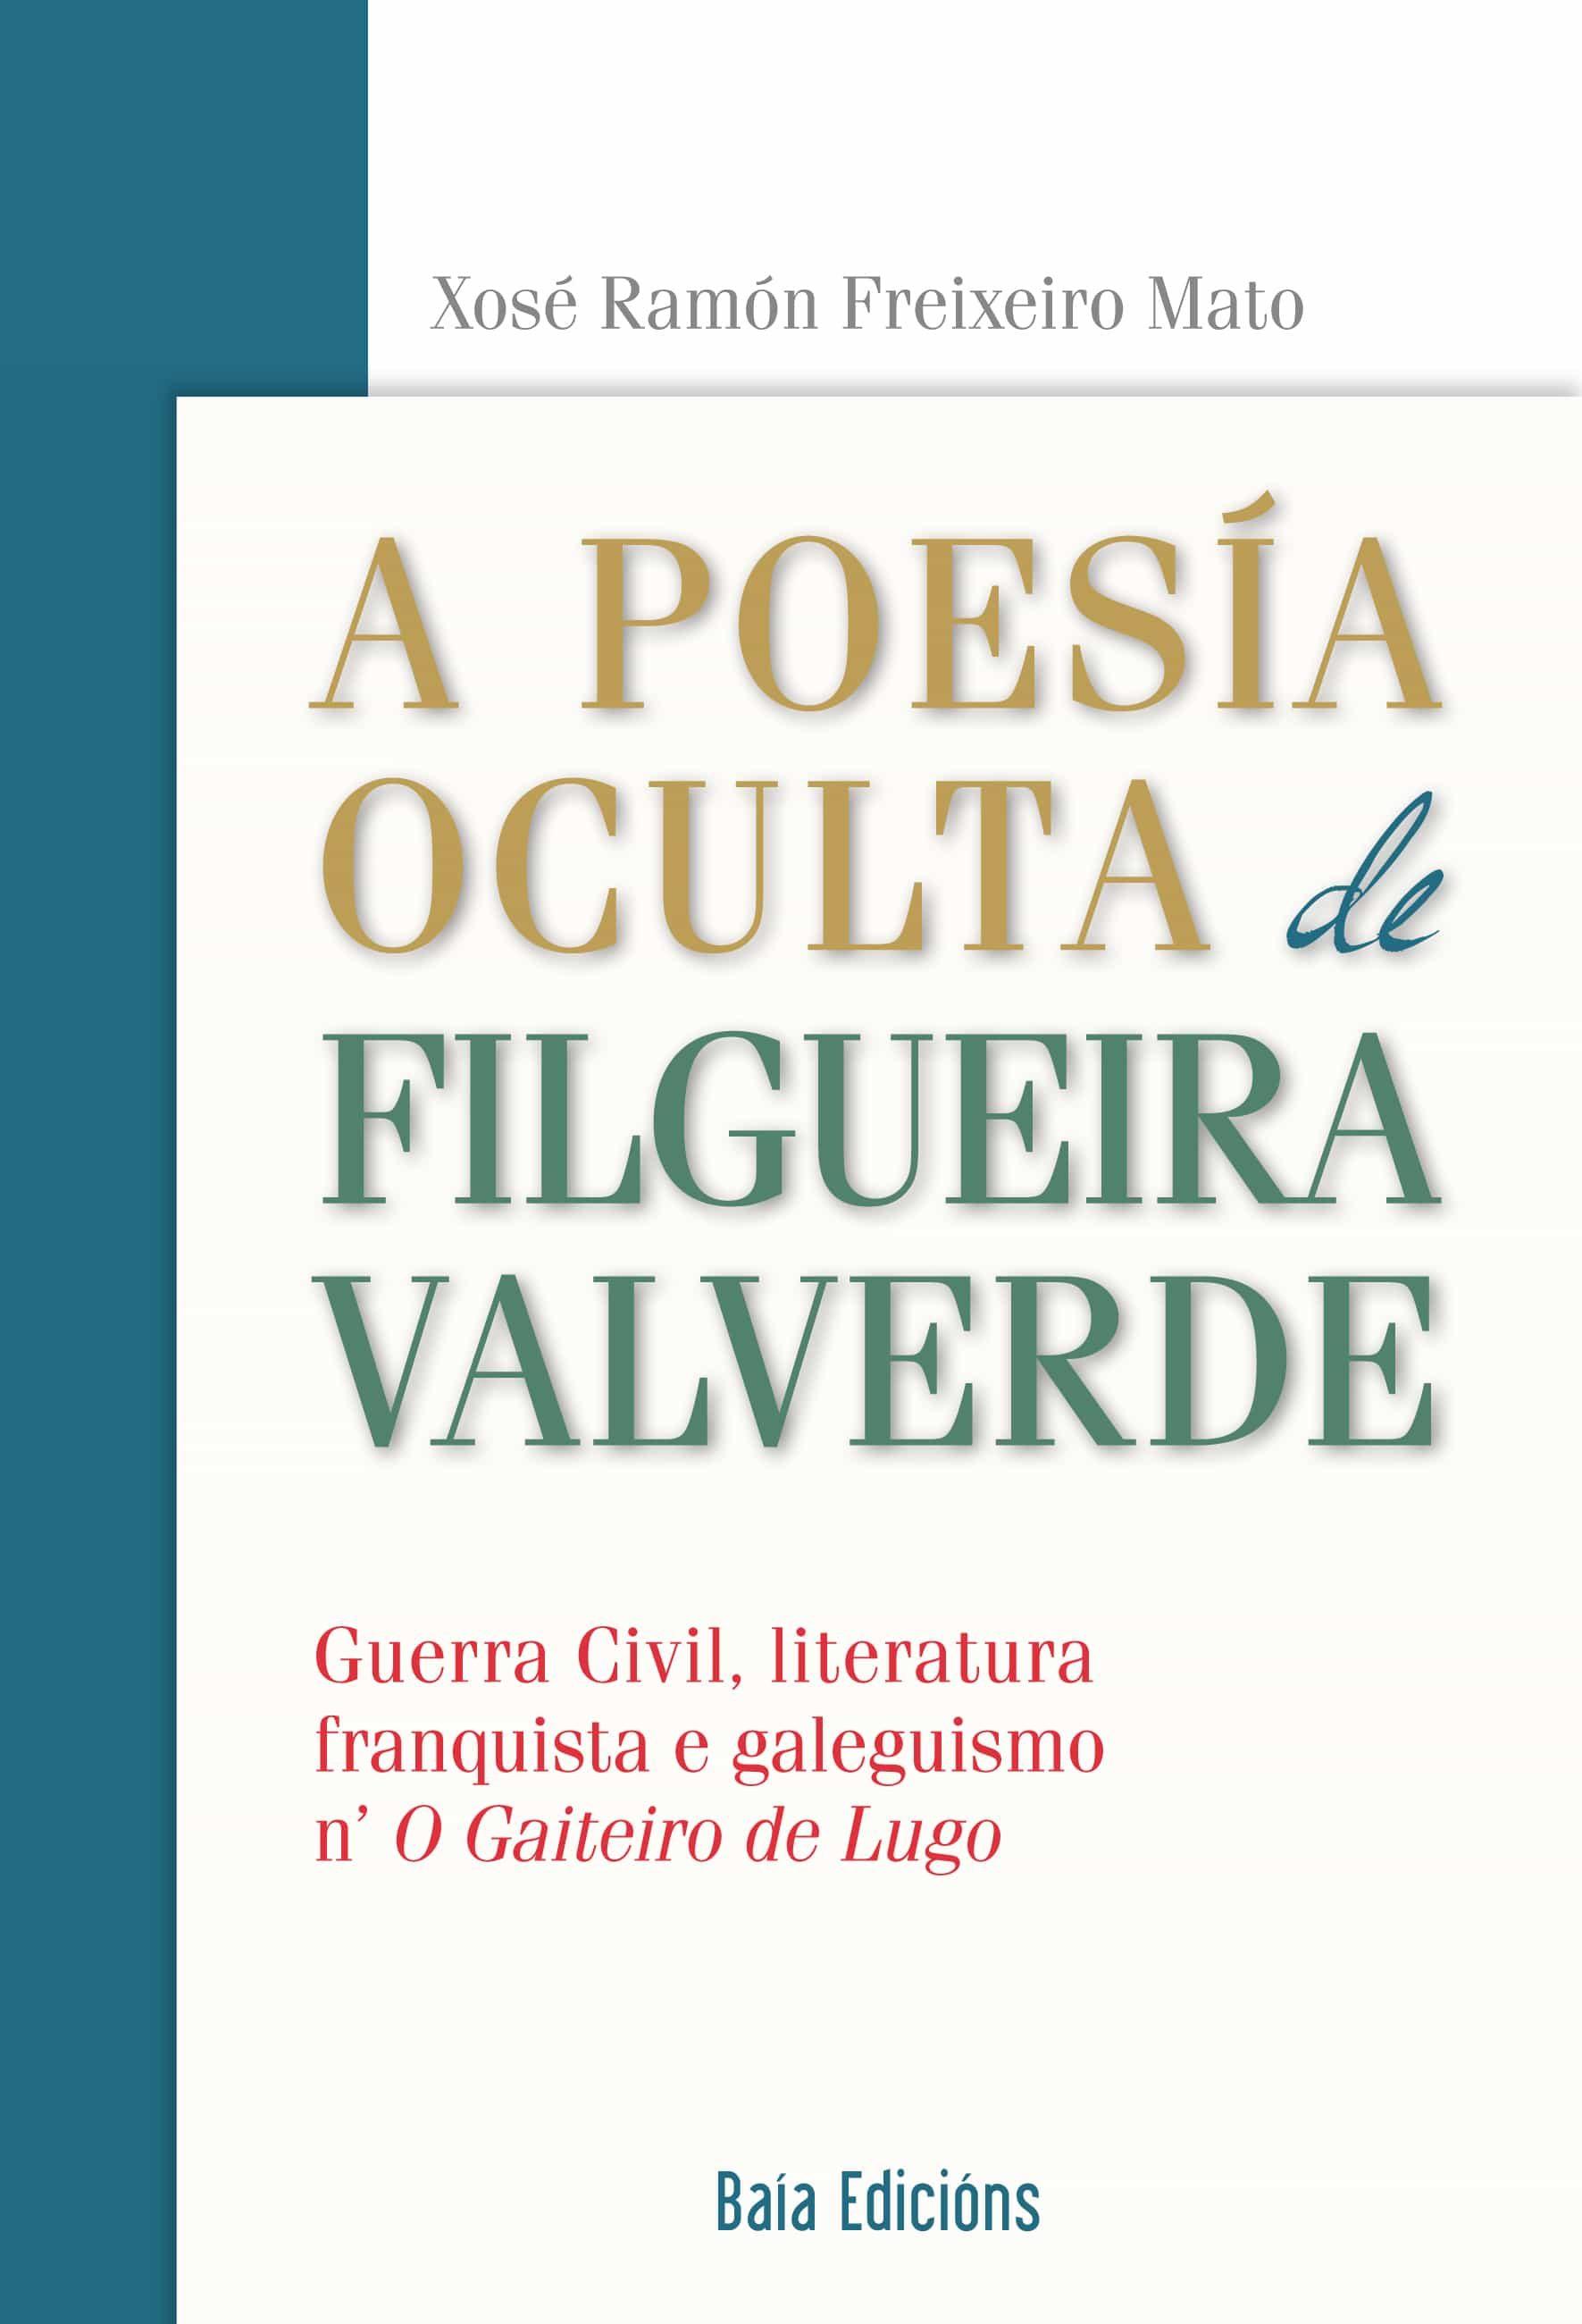 A POESIA OCULTA DE FILGUEIRA VALVERDE